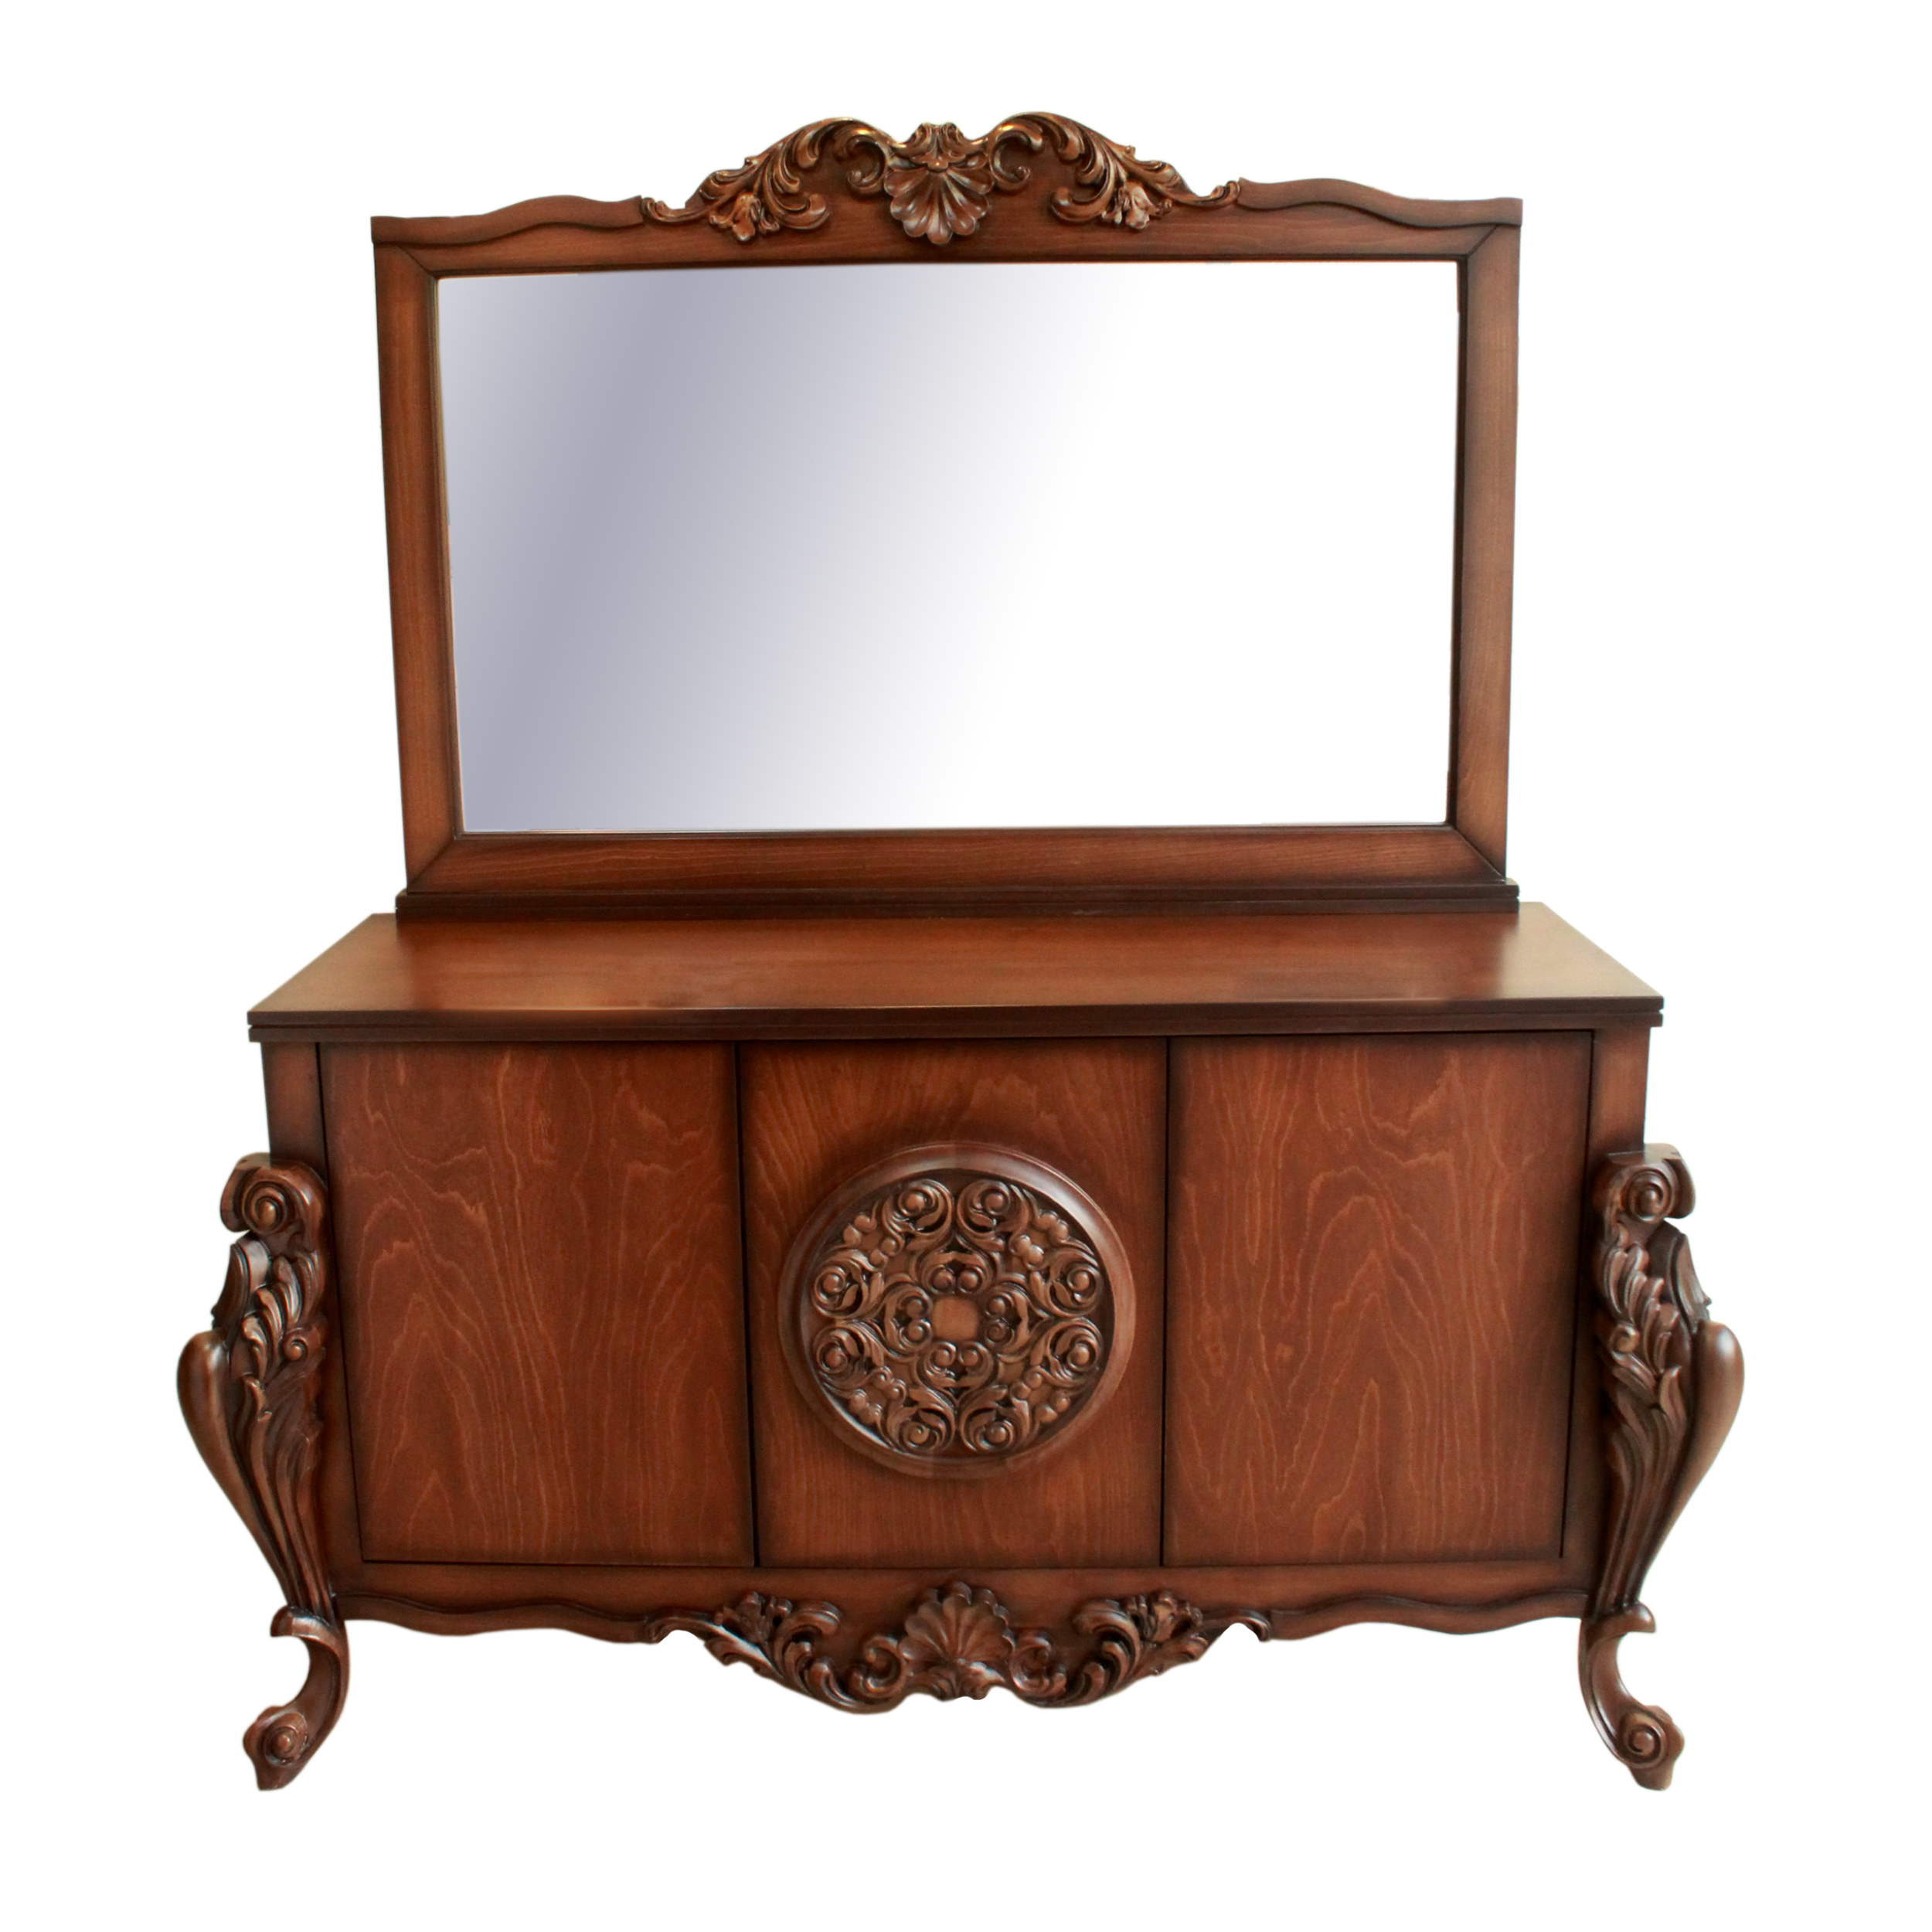 آینه و کنسول مدل گویا کد 0045